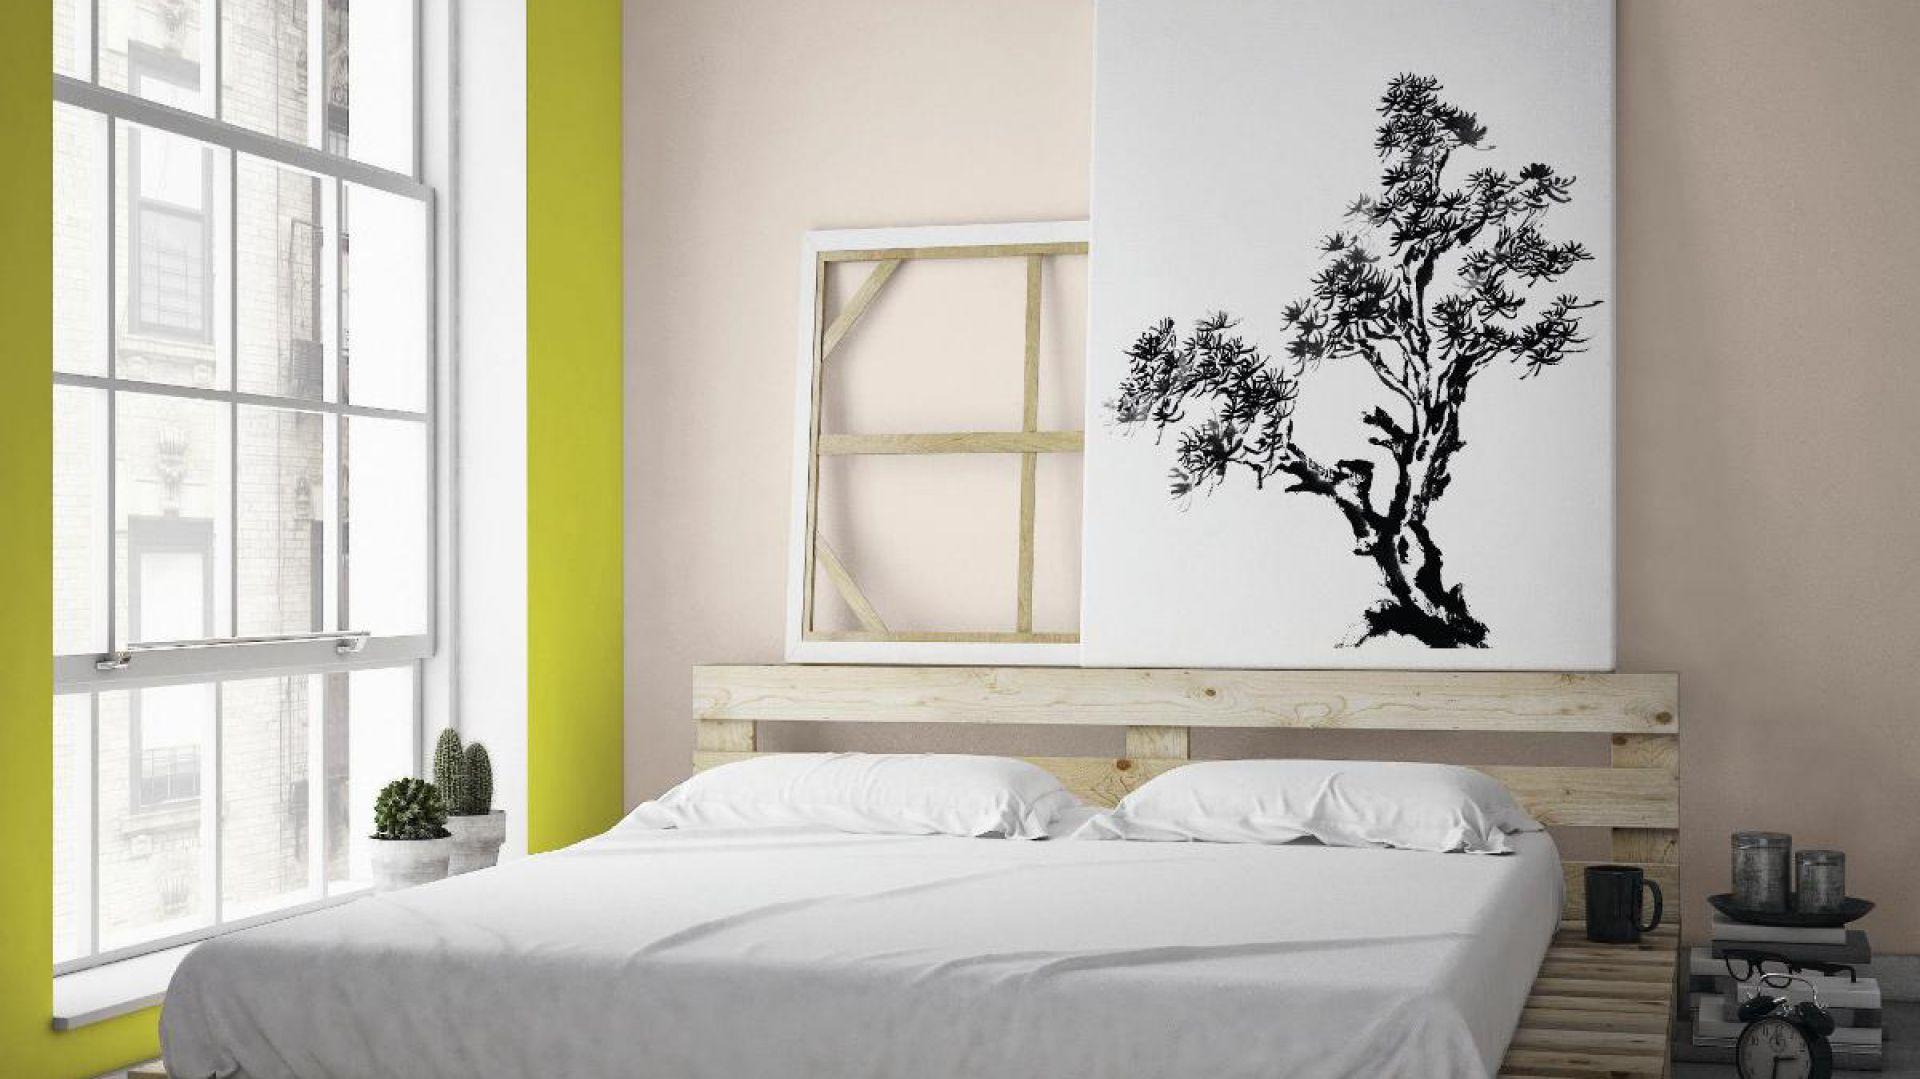 Kontrastowe połączenie kolorów ziemi z wyraźnym odcieniem Wasabi wniesie odrobinę ciekawego smaczku do sypialni. Fot. Beckers